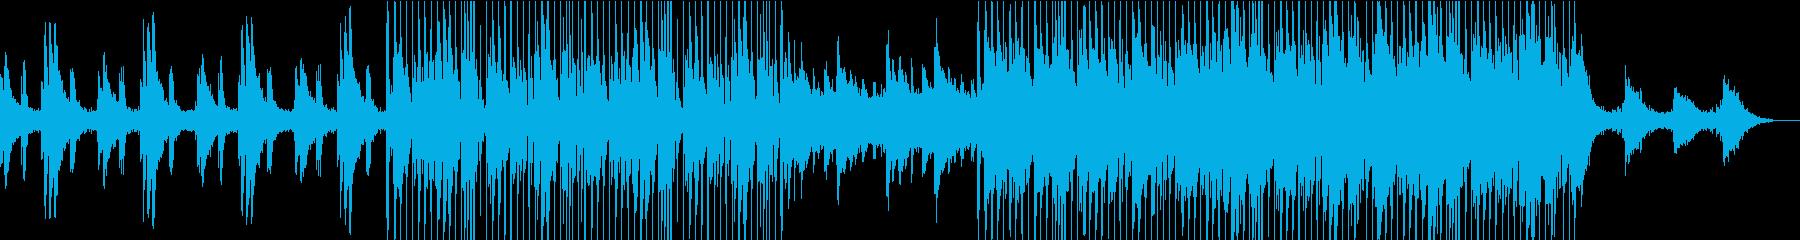 シルキーで滑らかで暖かいチルアウトの再生済みの波形